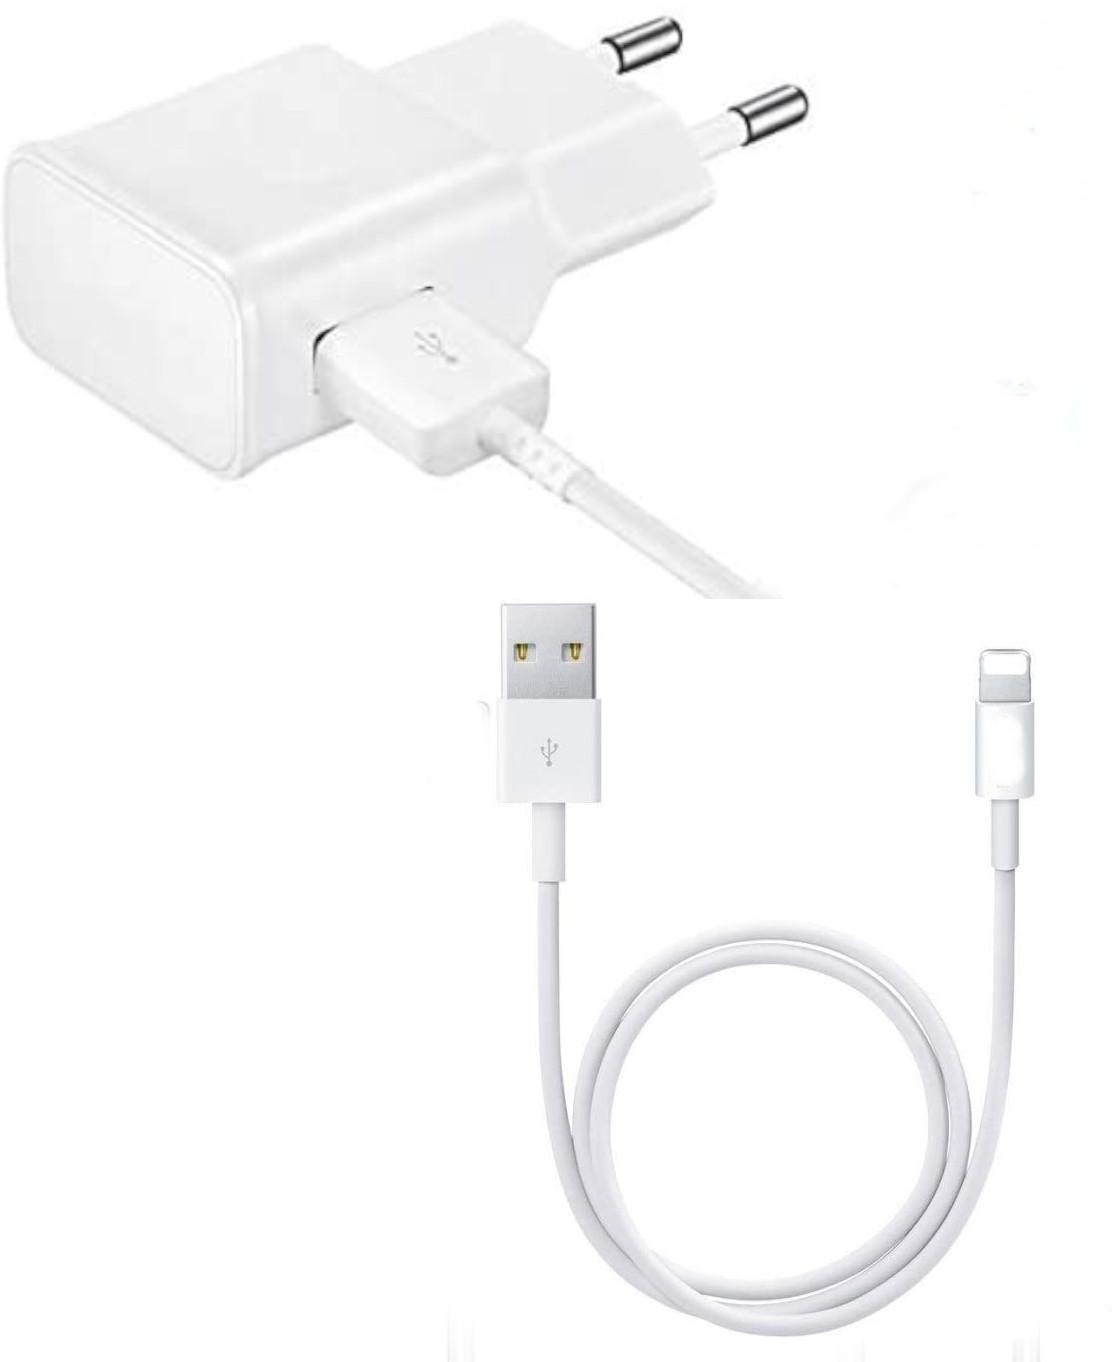 Chargeur Secteur 2A + Cable Usb Lightning pour Iphone 5 / 5s / 6 / 6s / 6 Plus / 6s Plus / 7 / 7Plus / 8 / 8Plus / X / Xs / Xr Little Boutik®